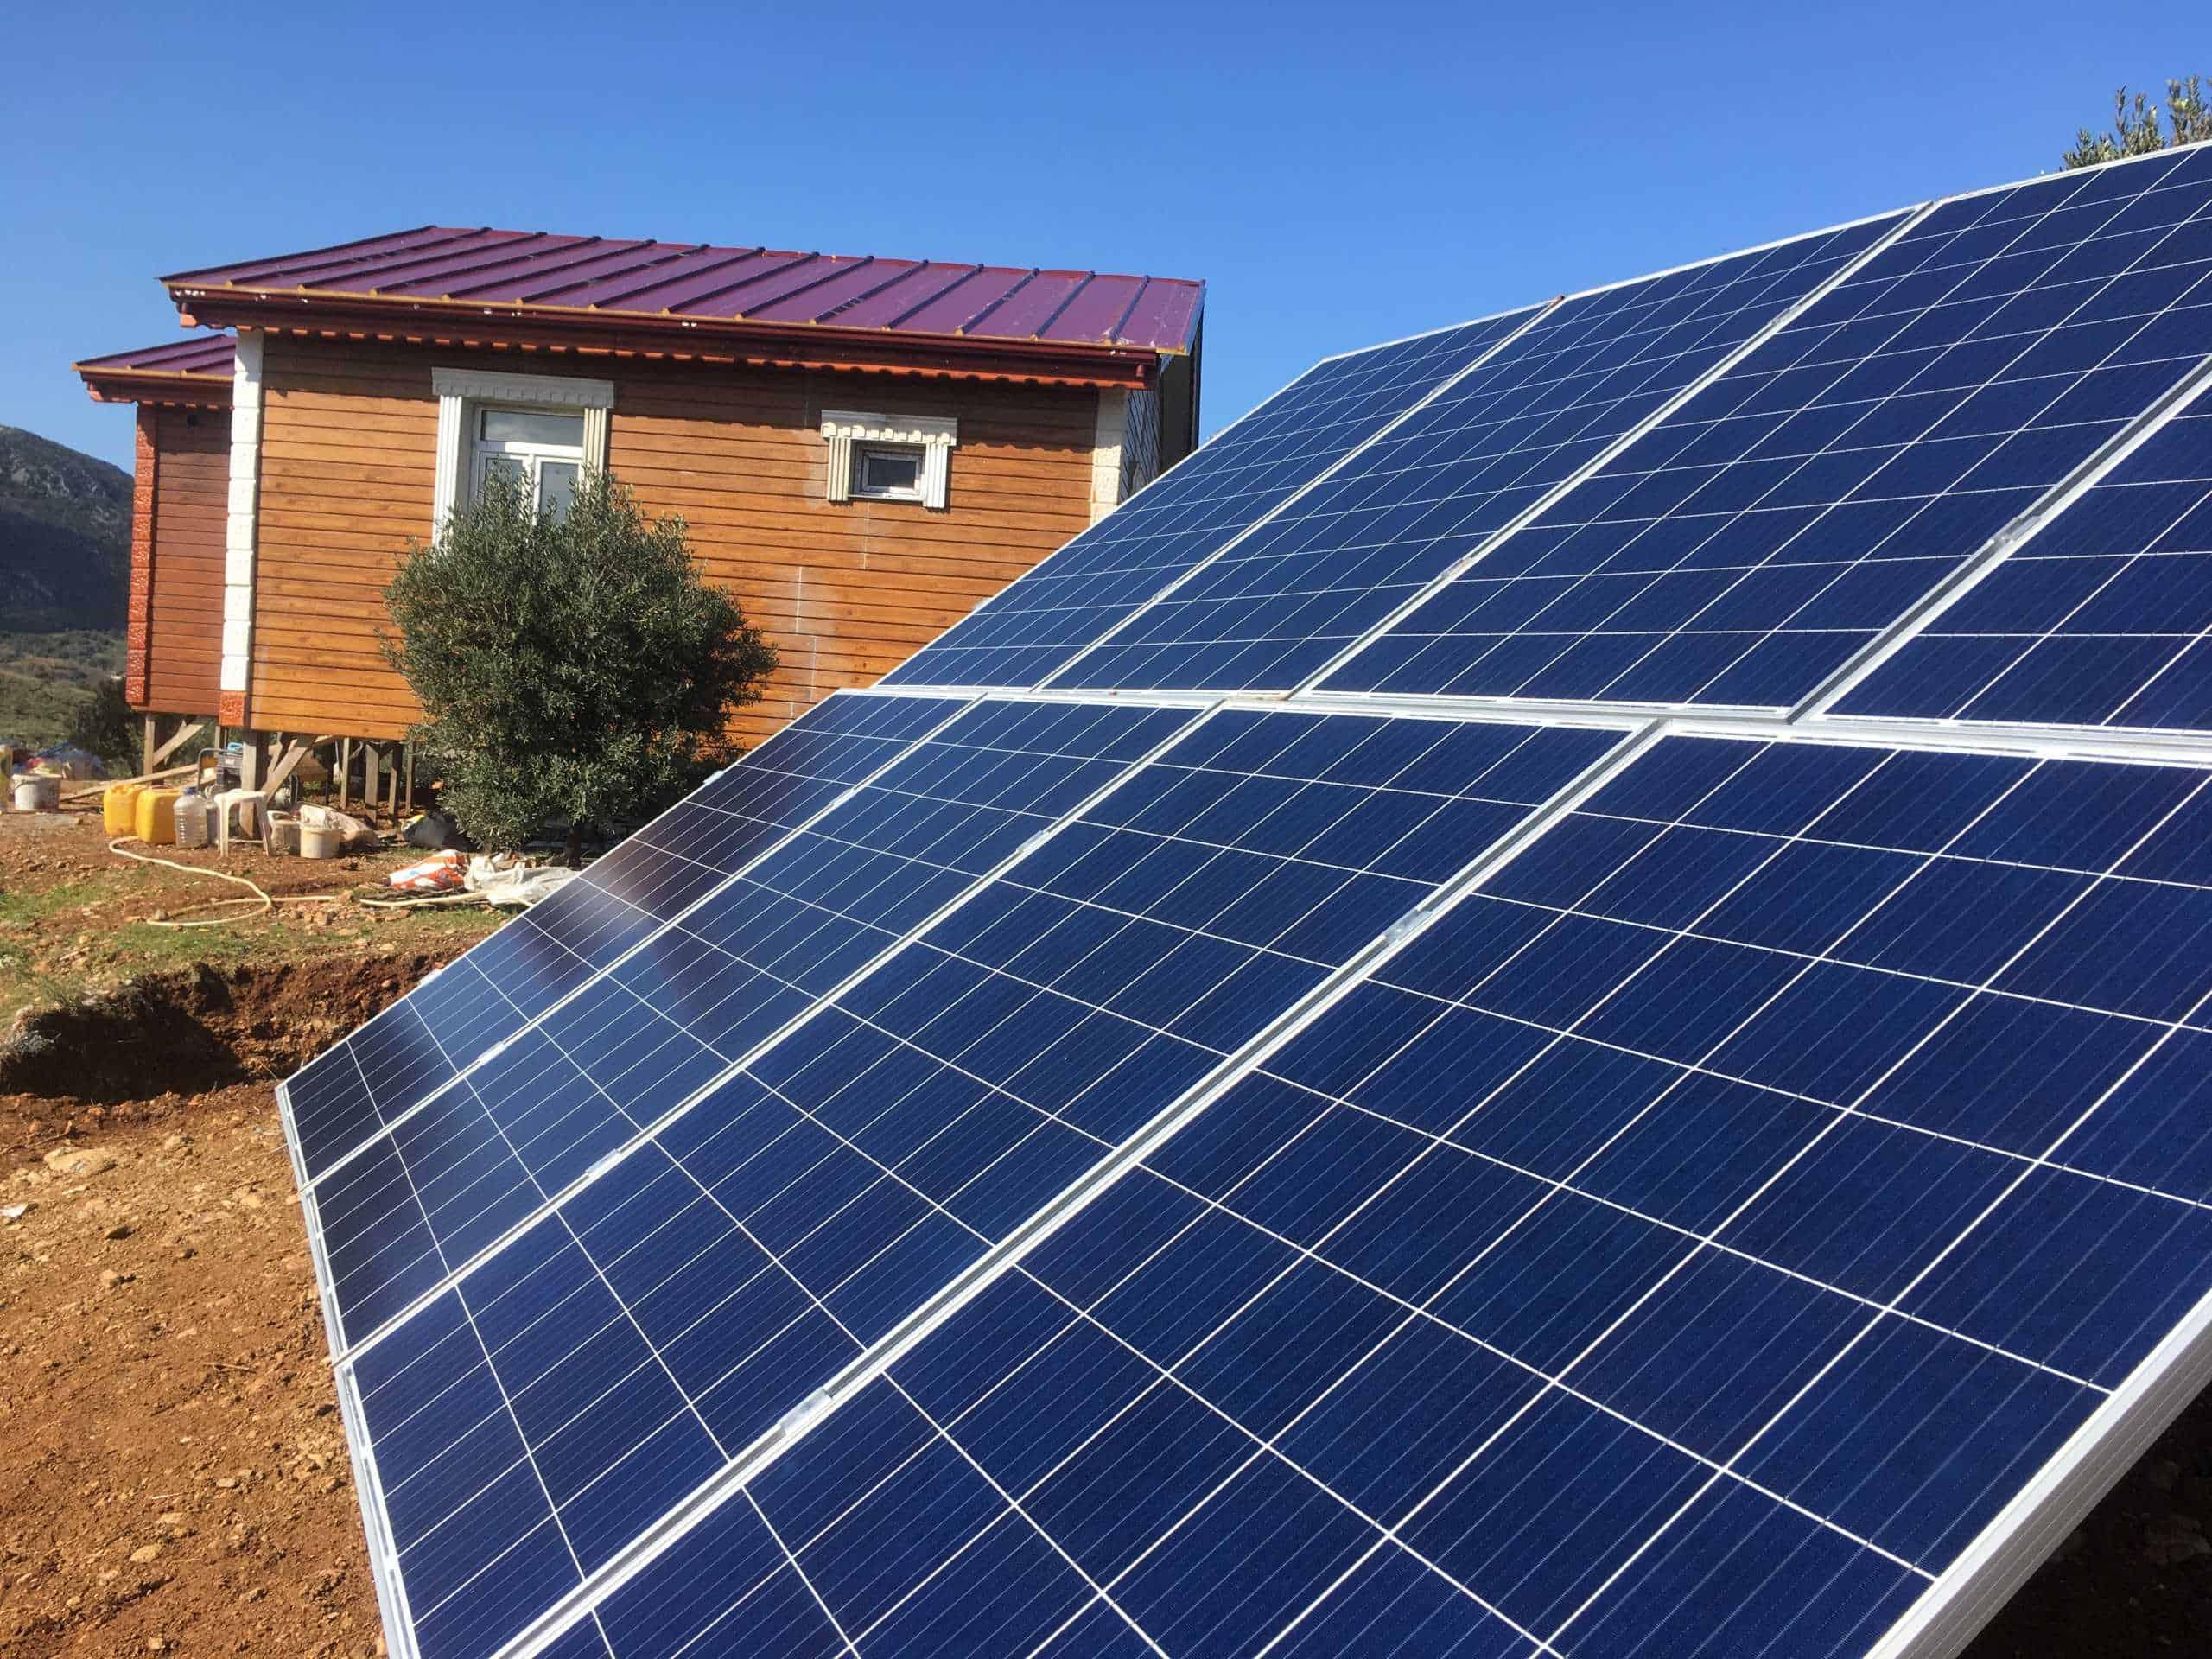 datça güneş enerjisi